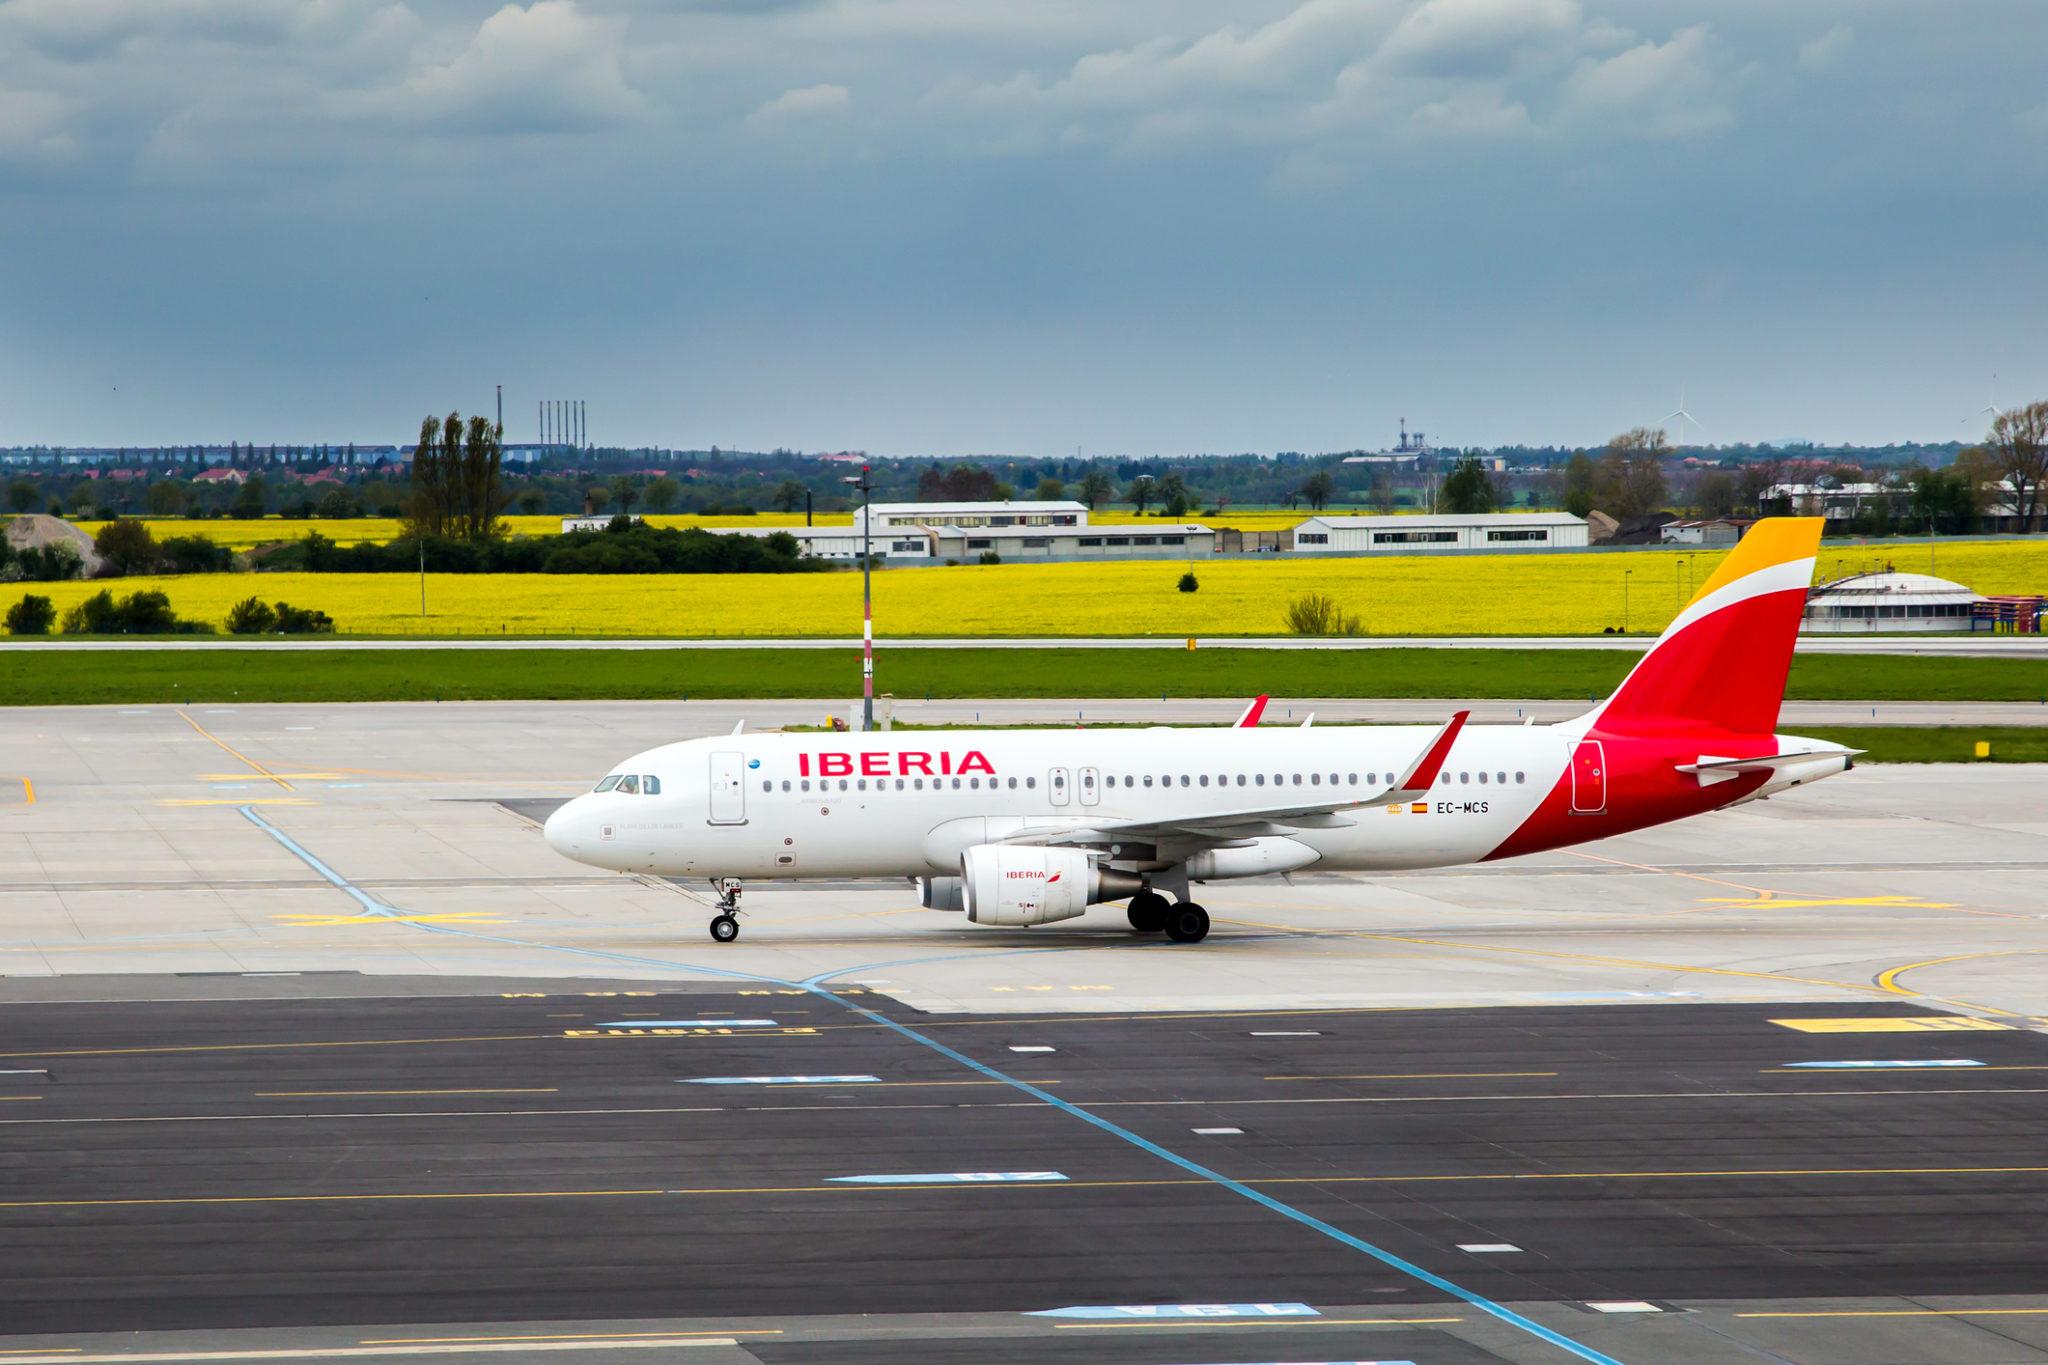 Letadlo Iberia